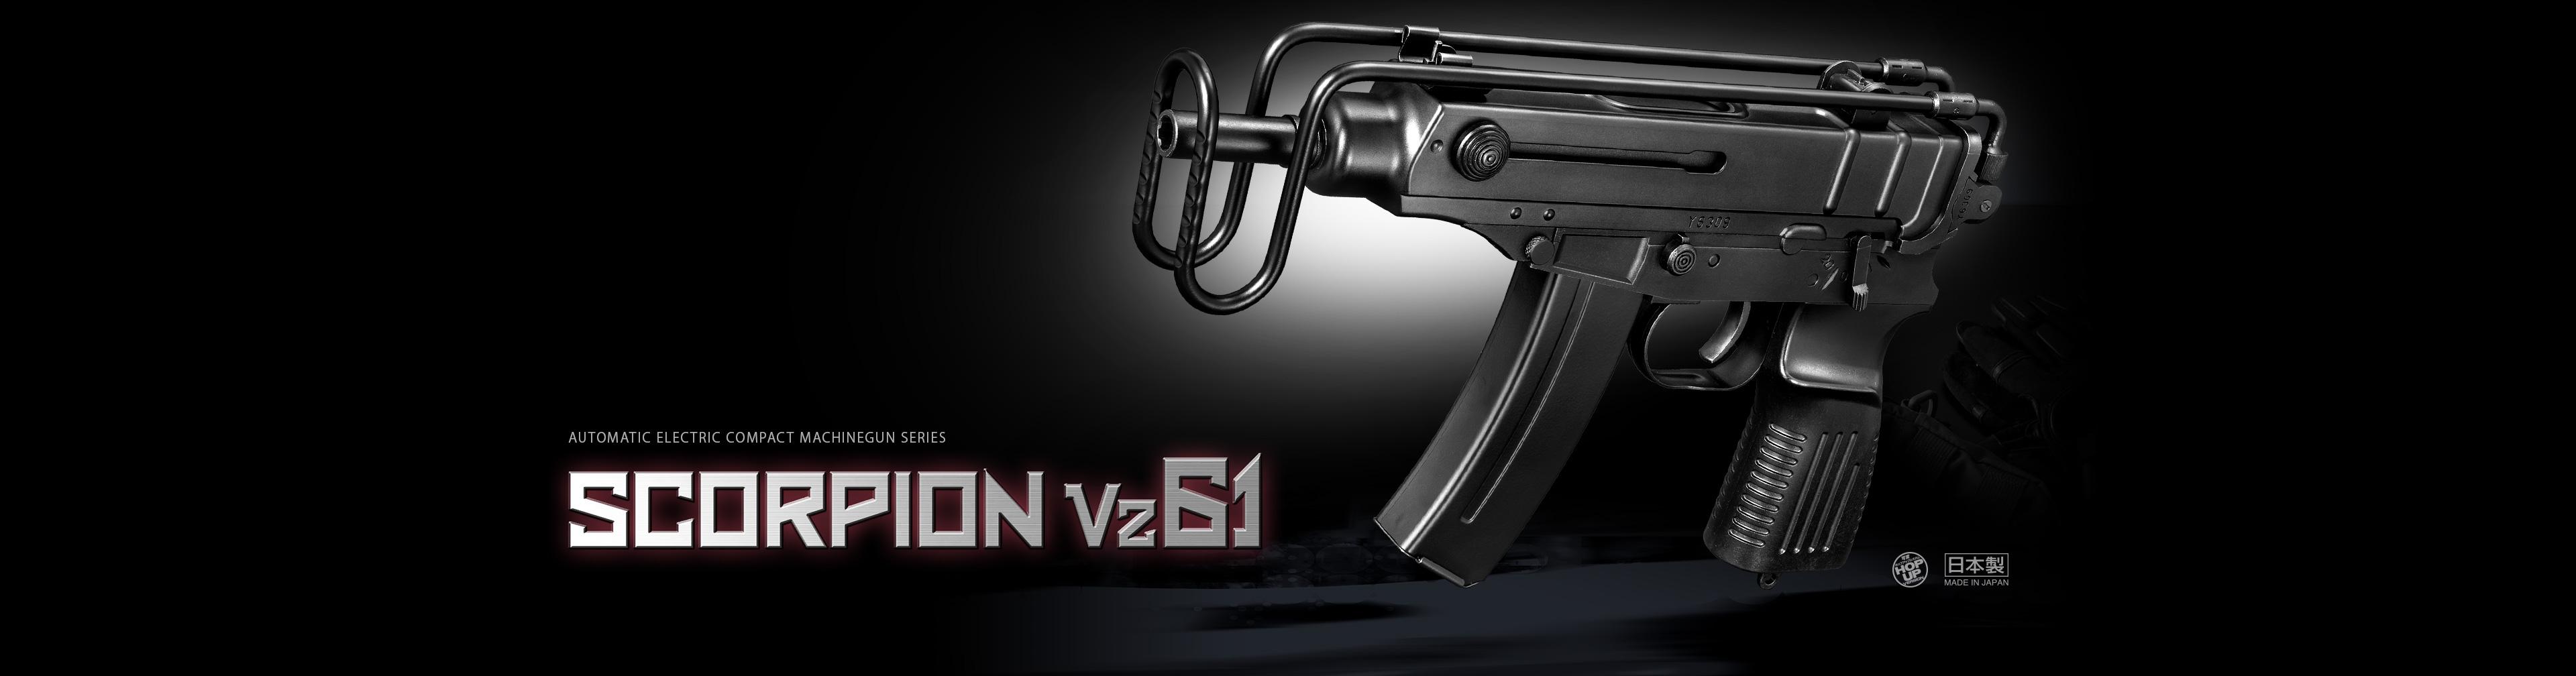 スコーピオン Vz.61